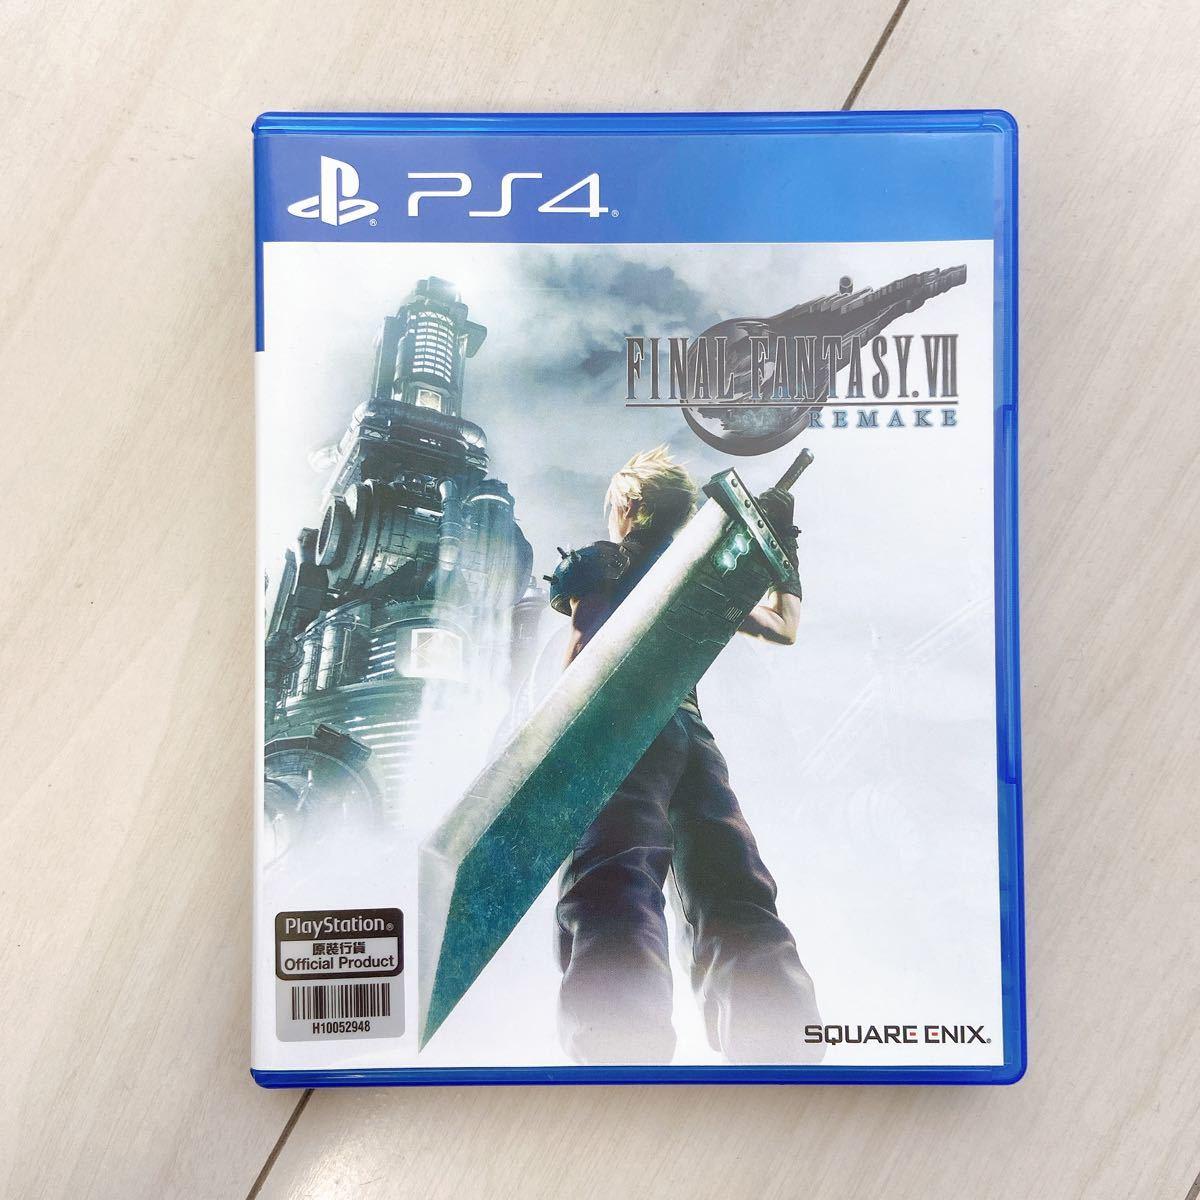 ファイナルファンタジー7 リメイク FF7 クラウド ティファ エアリス 海外 PS4ファイナルファンタジー 英語学習 おうち時間